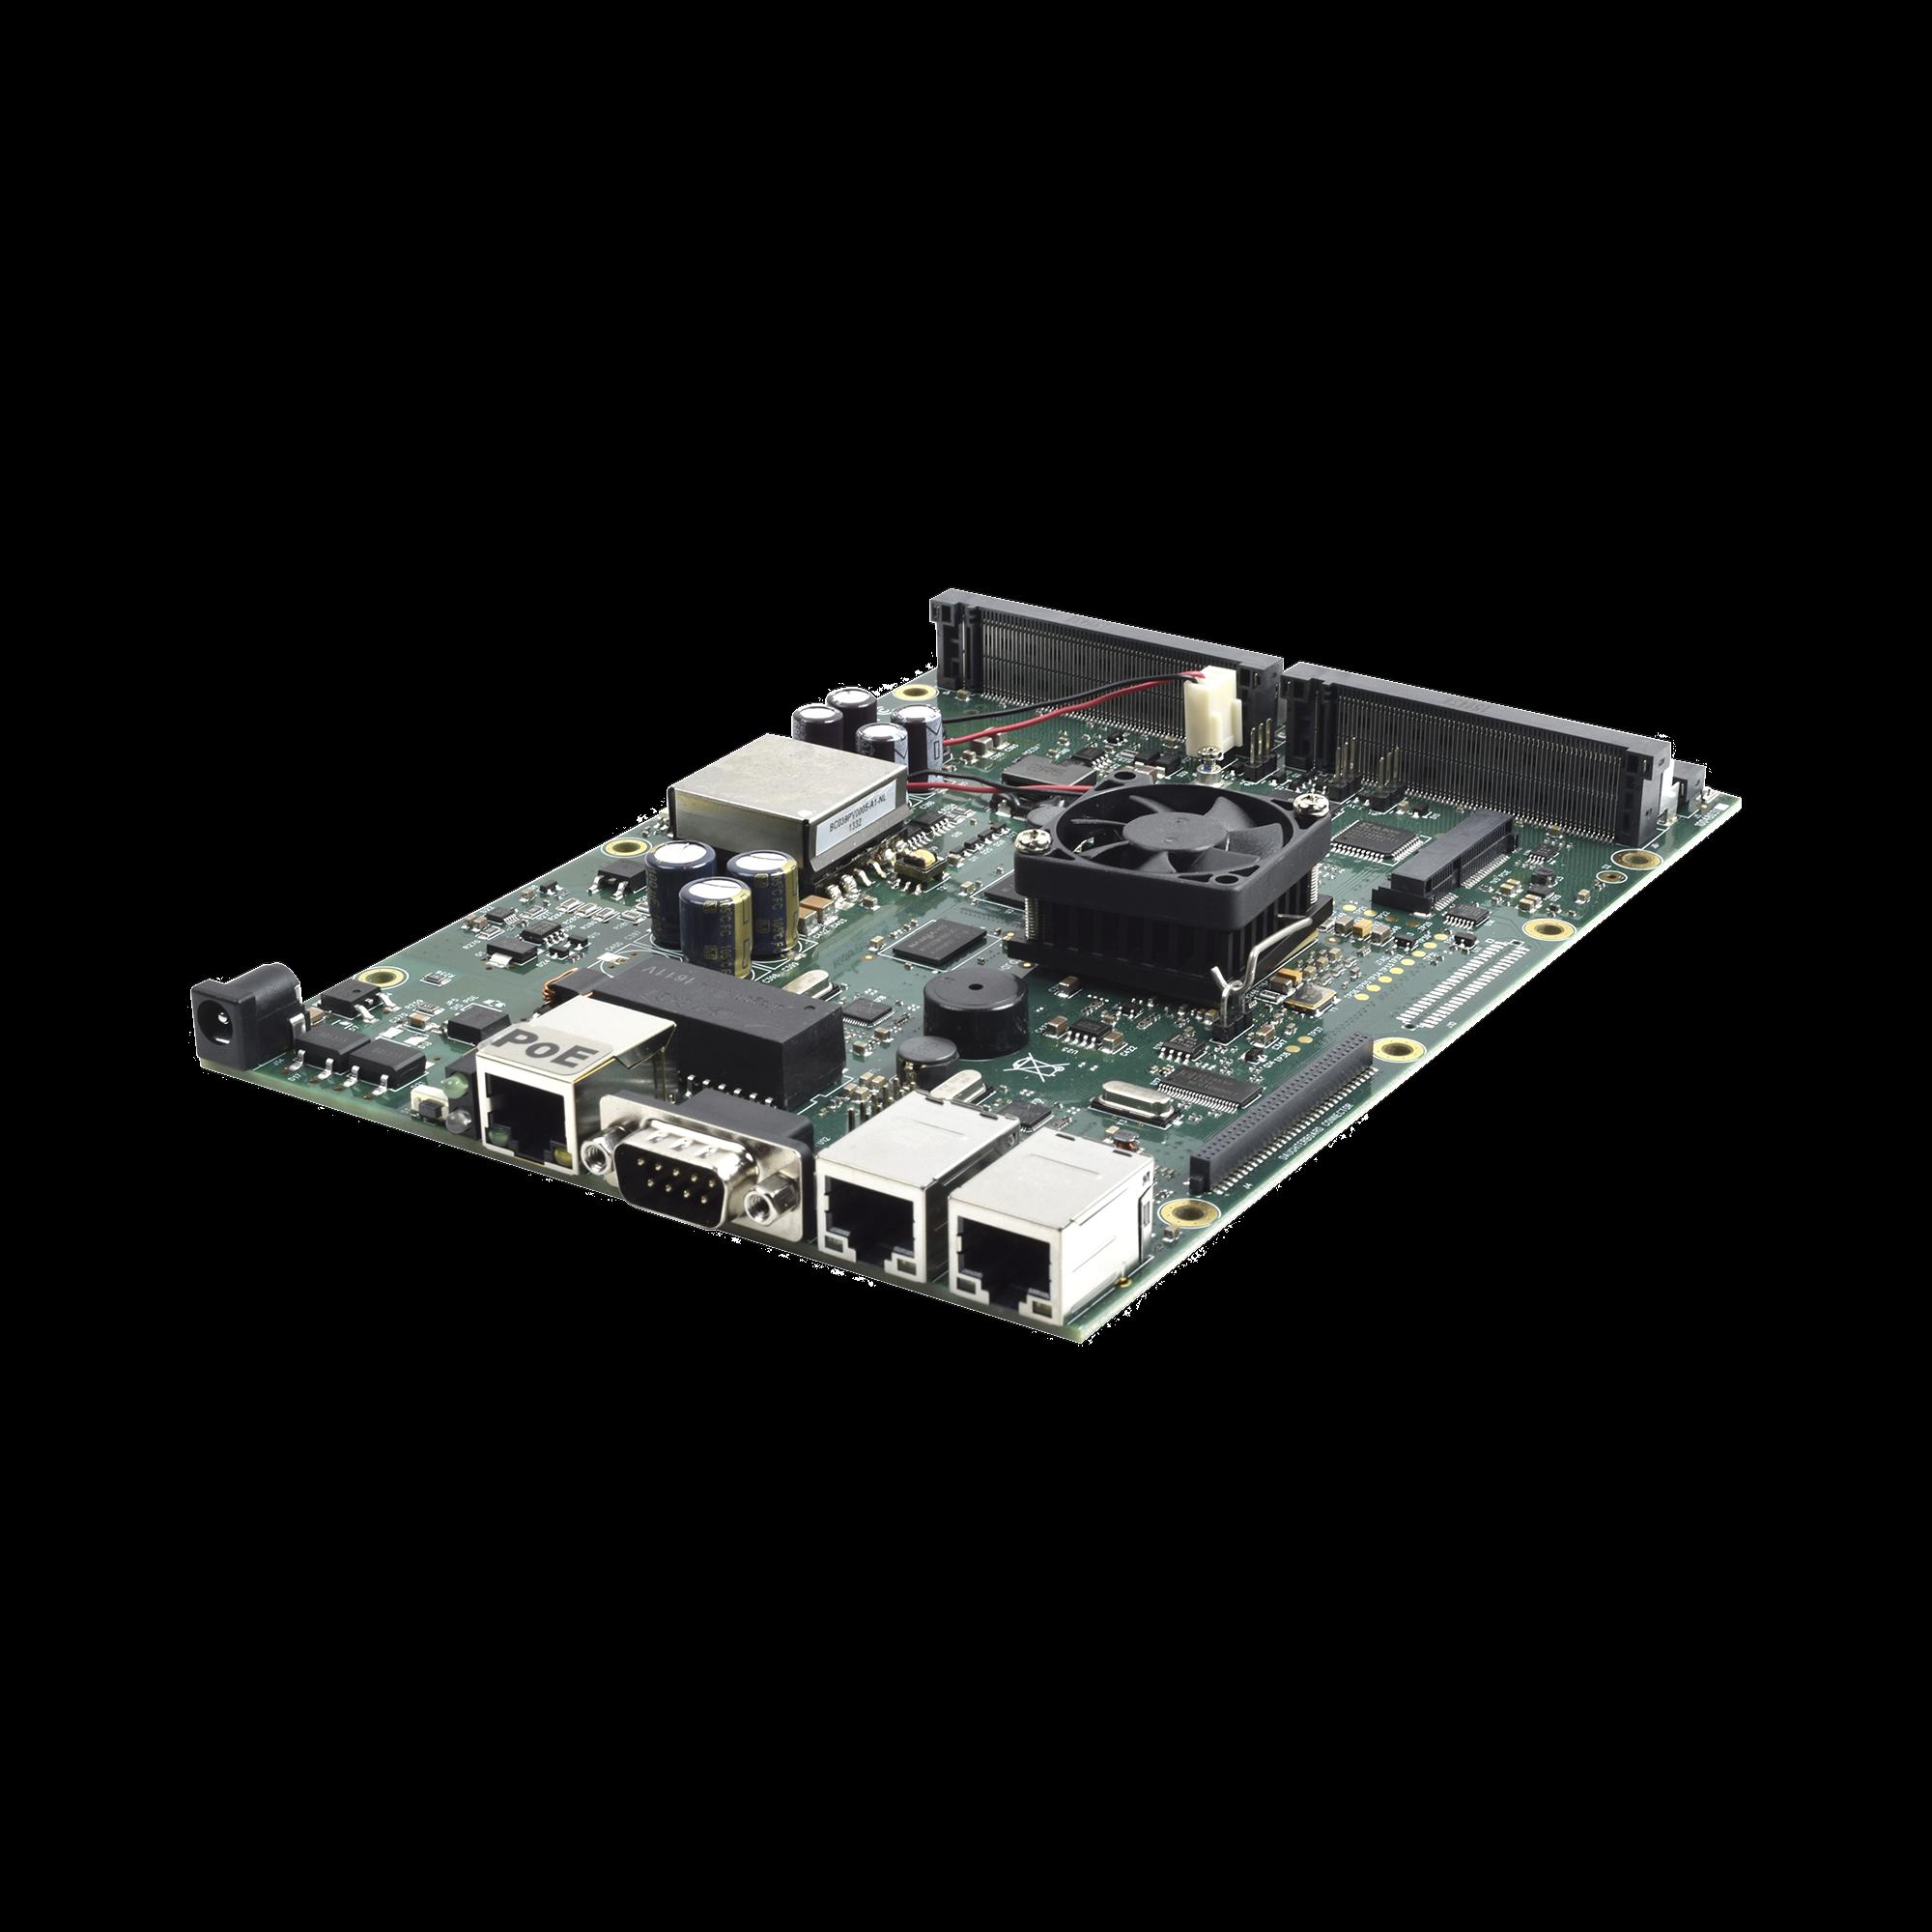 (RB800) RouterBOARD, 3 puertos Gigabit, 4 ranuras miniPCI de expansión  para ofrecer un MIMO 8x8